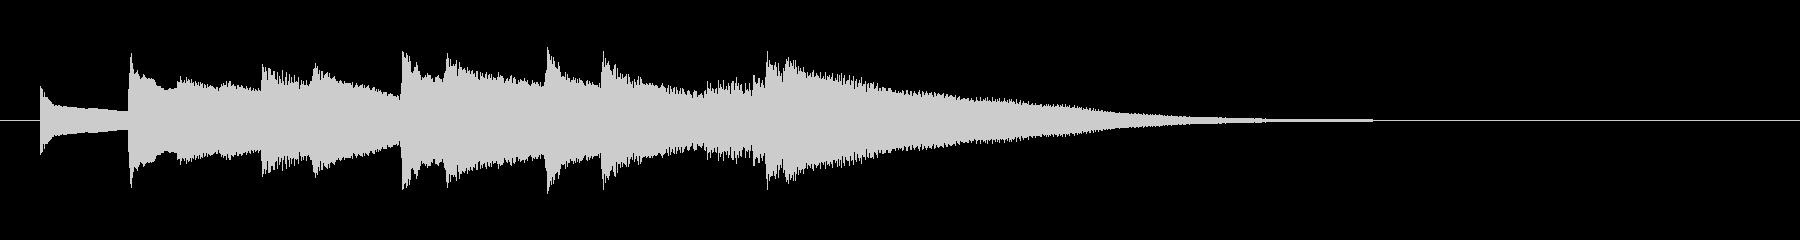 オルゴールのサウンドロゴ(短調、寂しい)の未再生の波形